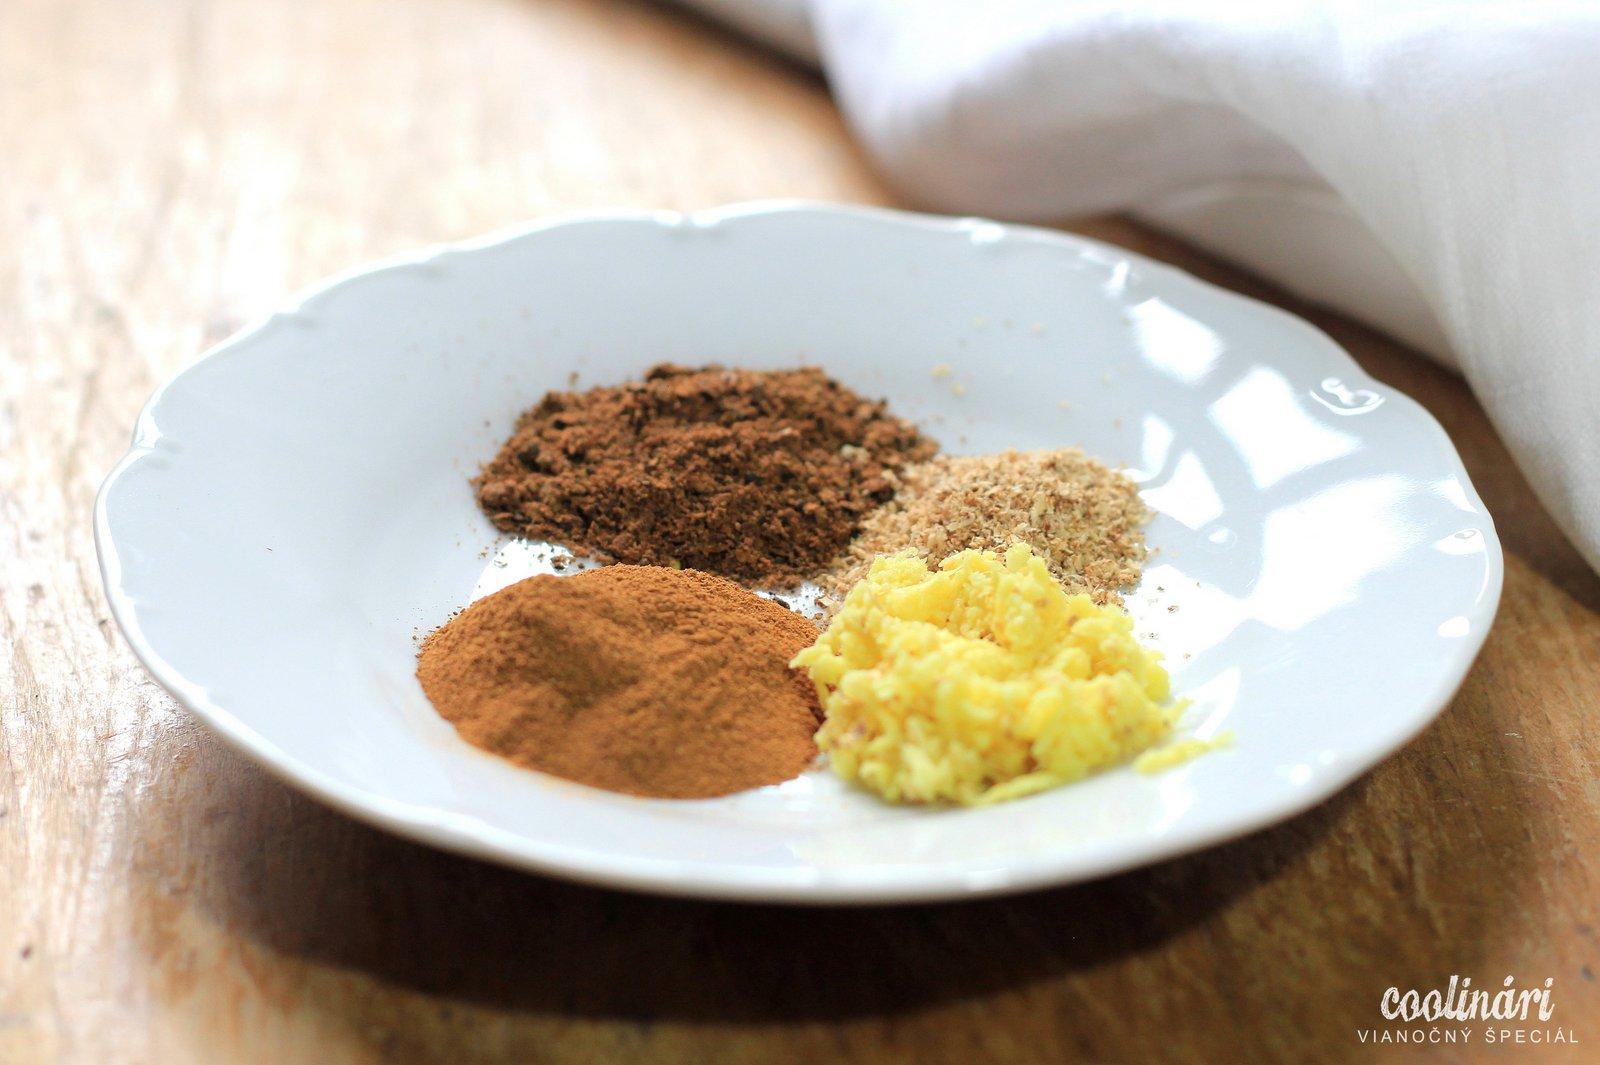 Na prípravu korenených vianoných perníčkov budete potrebovať (50 perníčkov): 1 šálka mäkkého masla ½ šálka práškového cukru 2 šálky hladkej múky 1 ½ lyžičky mletého nového korenia 1 lyžička mletej škorice 1 lyžička mletého muškátového orieška 1 a ½ lyžičky nastrúhaného zázvoru ½ lyžička mletých klinčekov ½ lyžička soli 4 čajové lyžičky vanilky 2 žĺtky Na obaľovanie: 1 ½ šálky práškového cukru ½ lyžičky mletých klinčekov 1 a ½ lyžičky mletej škorice